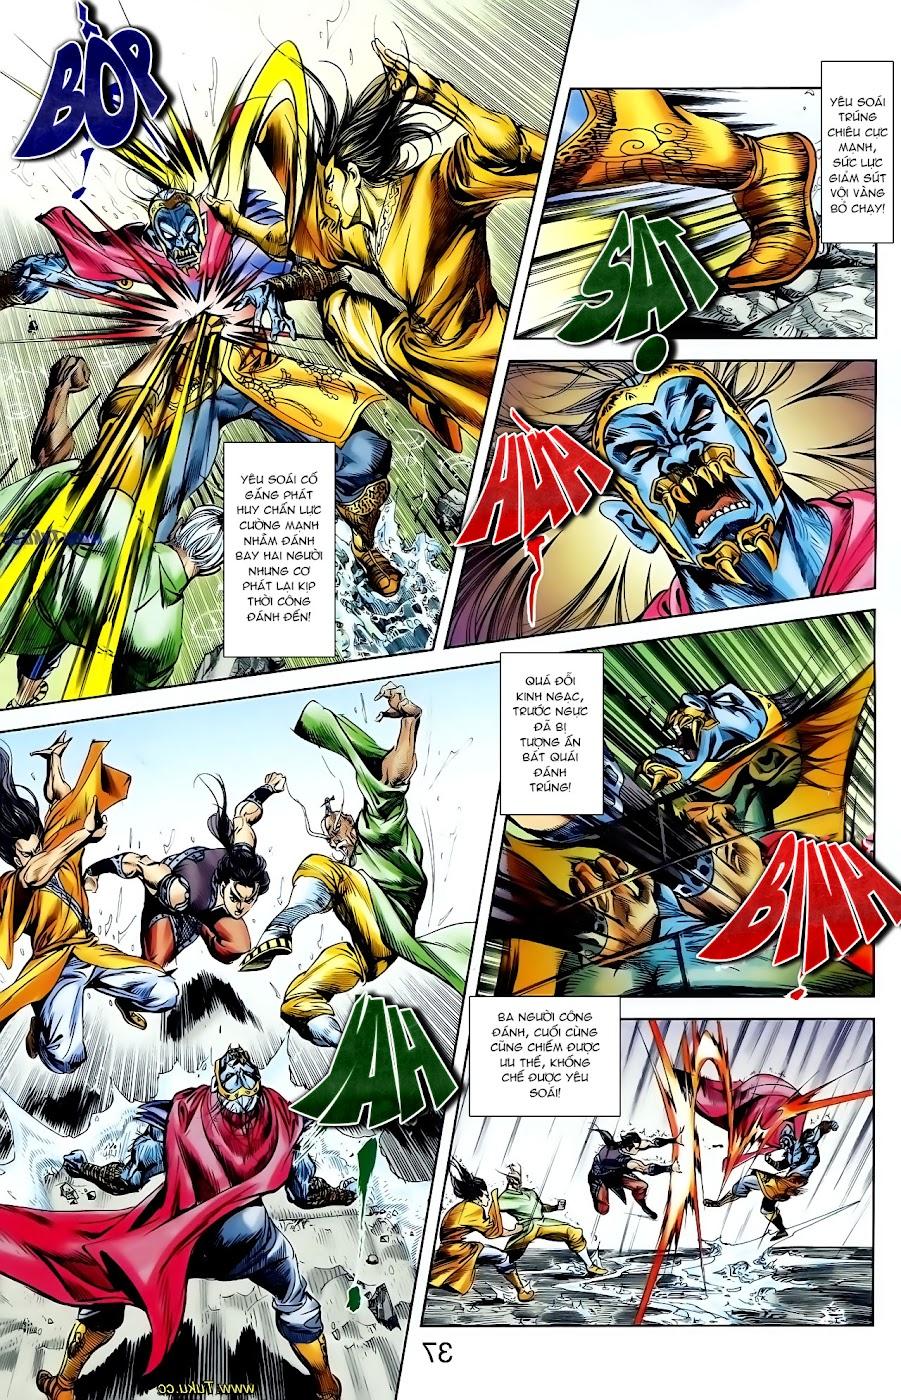 Cơ Phát Khai Chu Bản chapter 110 trang 27